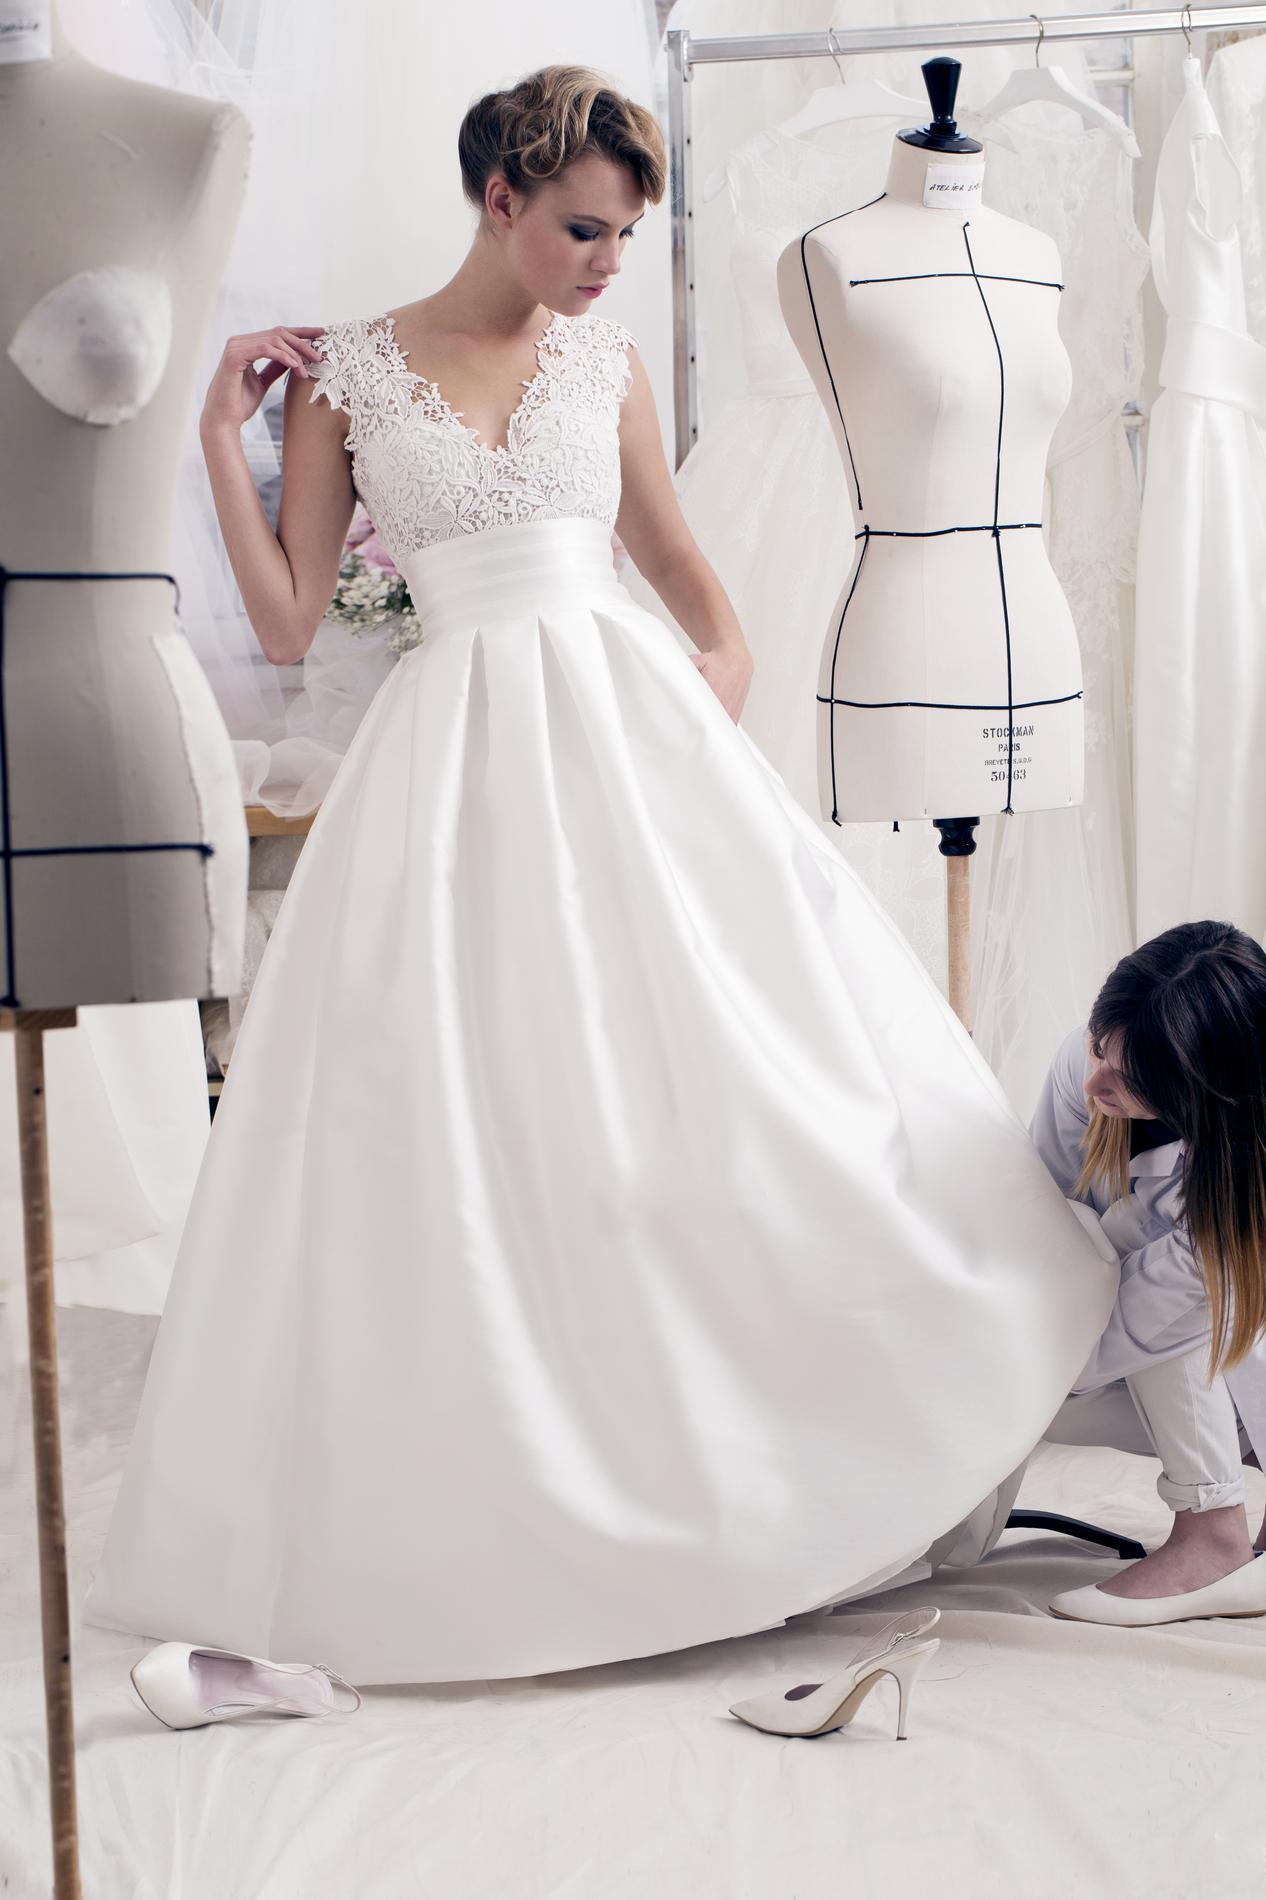 3892b5128c30d revente robe de mariée - www.pressing-tierceen.fr